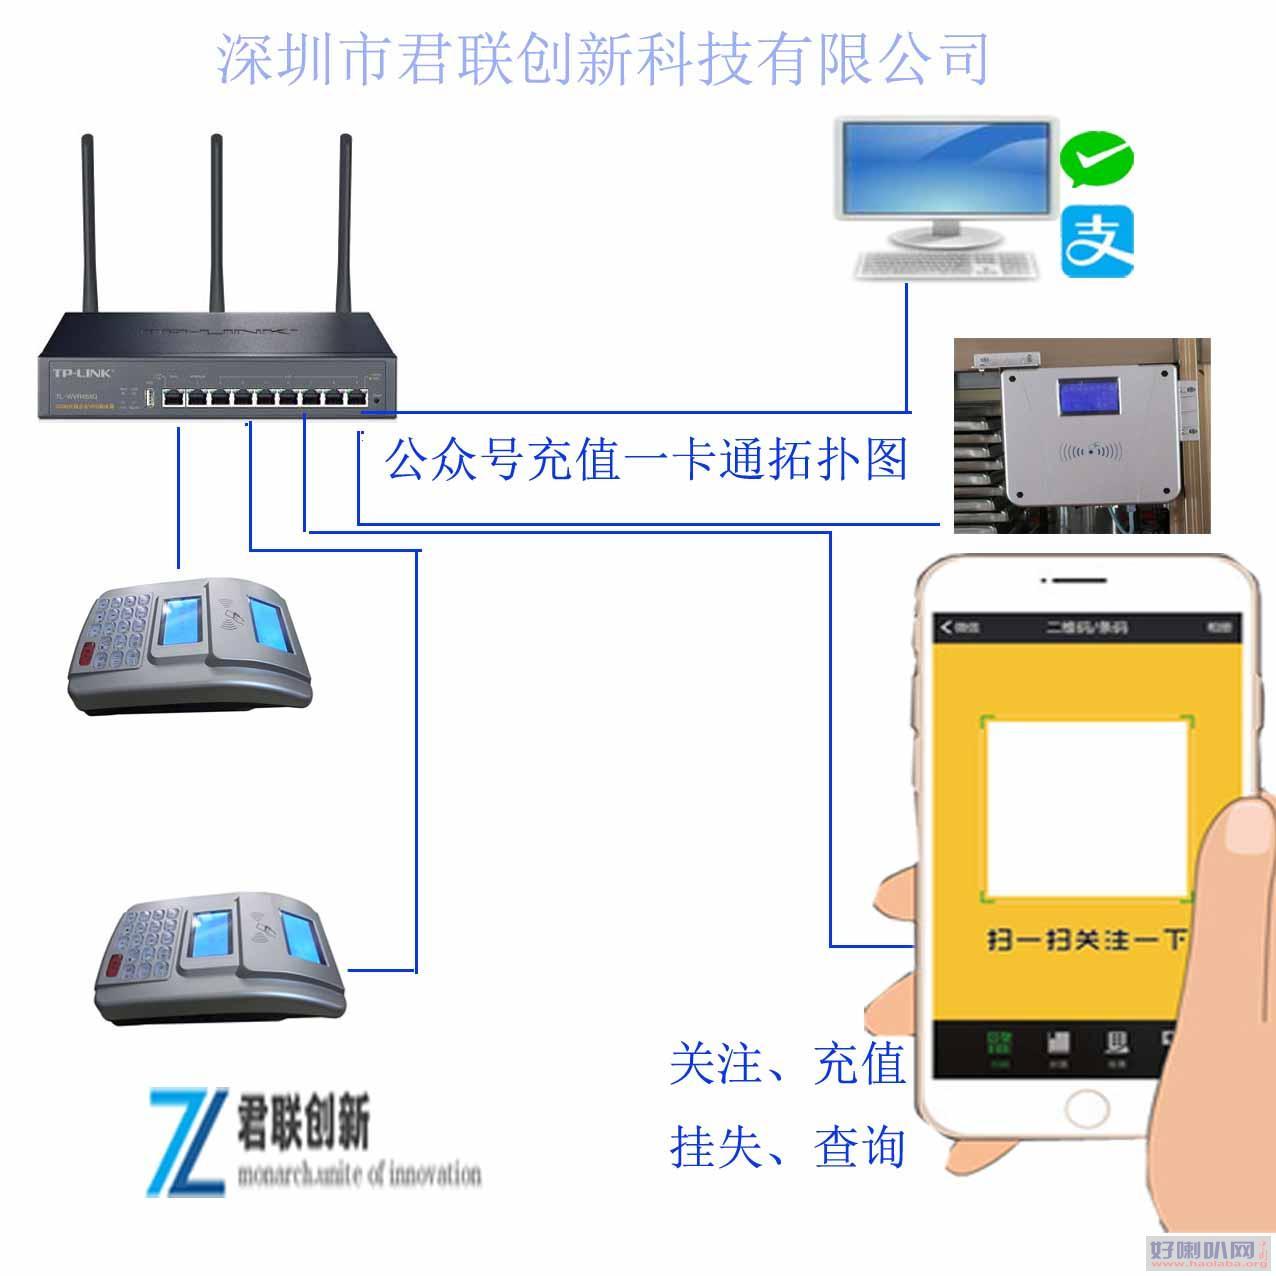 饭堂微信售饭机 食堂售饭系统微信充值